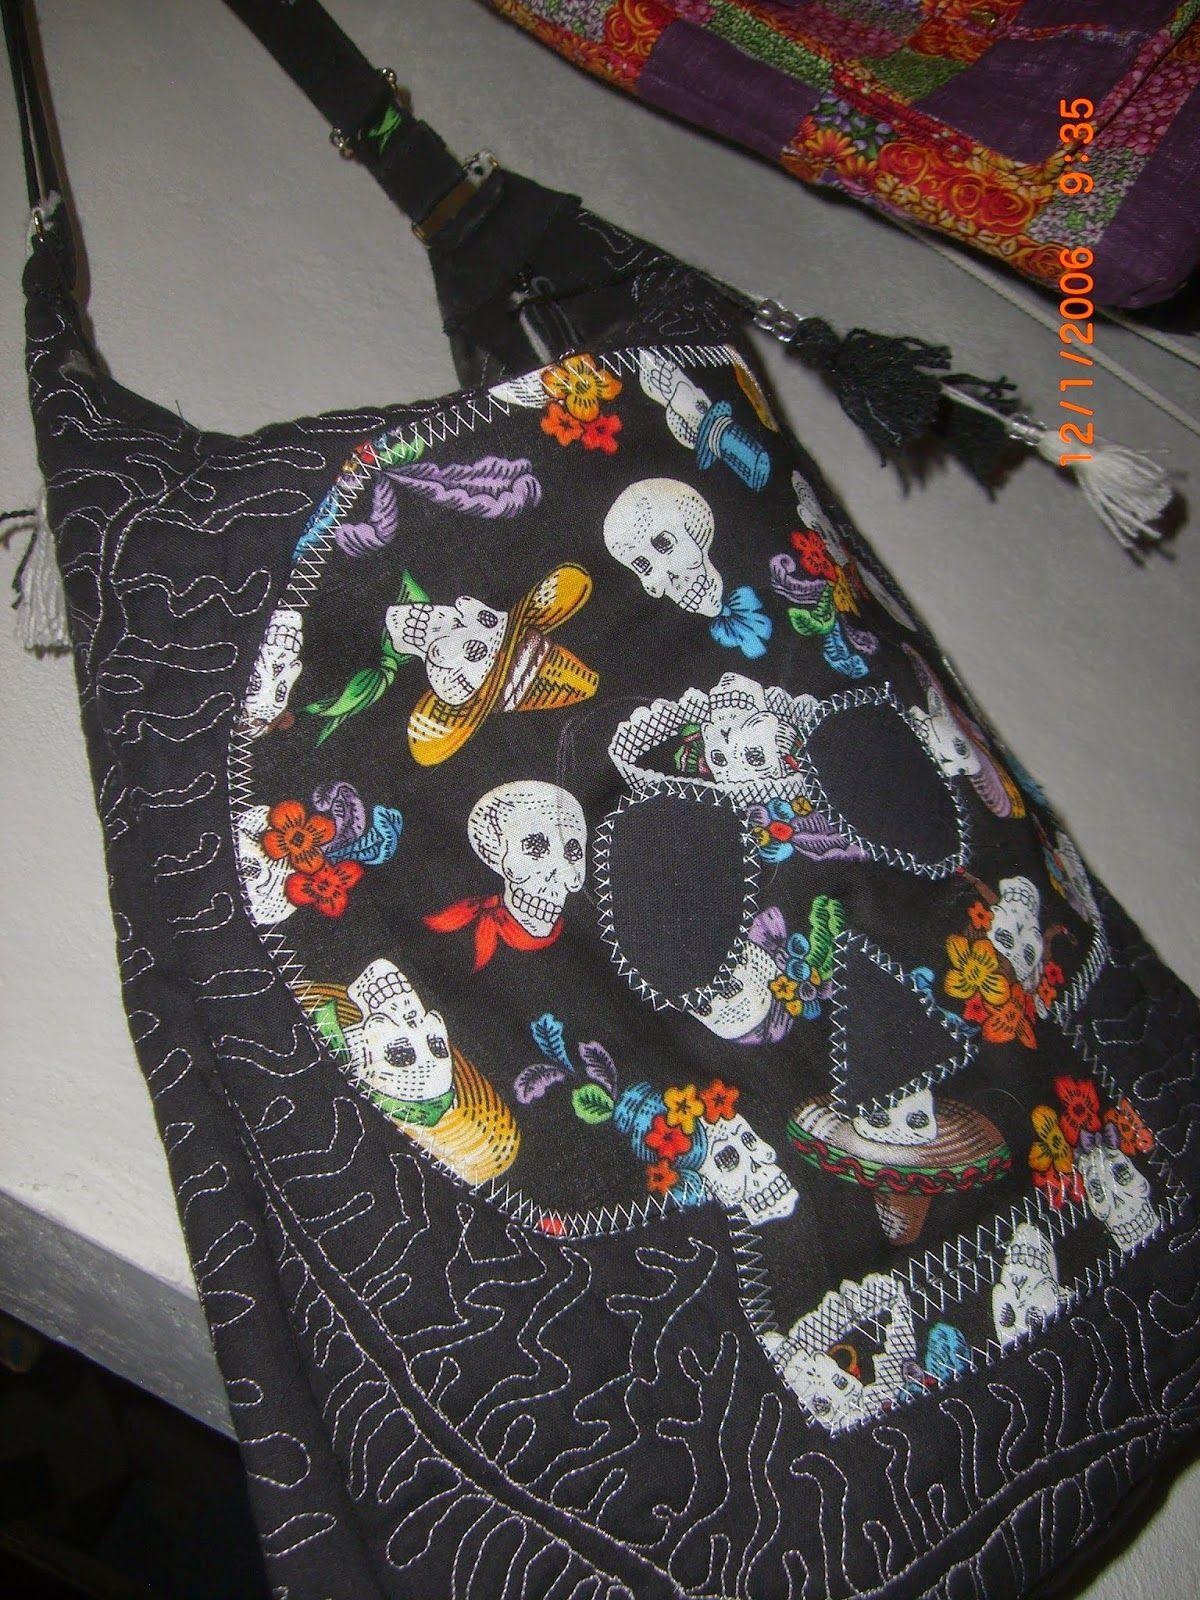 calavera tela de negra aplicación bolsa con bolsas de tela de con Y58x14q